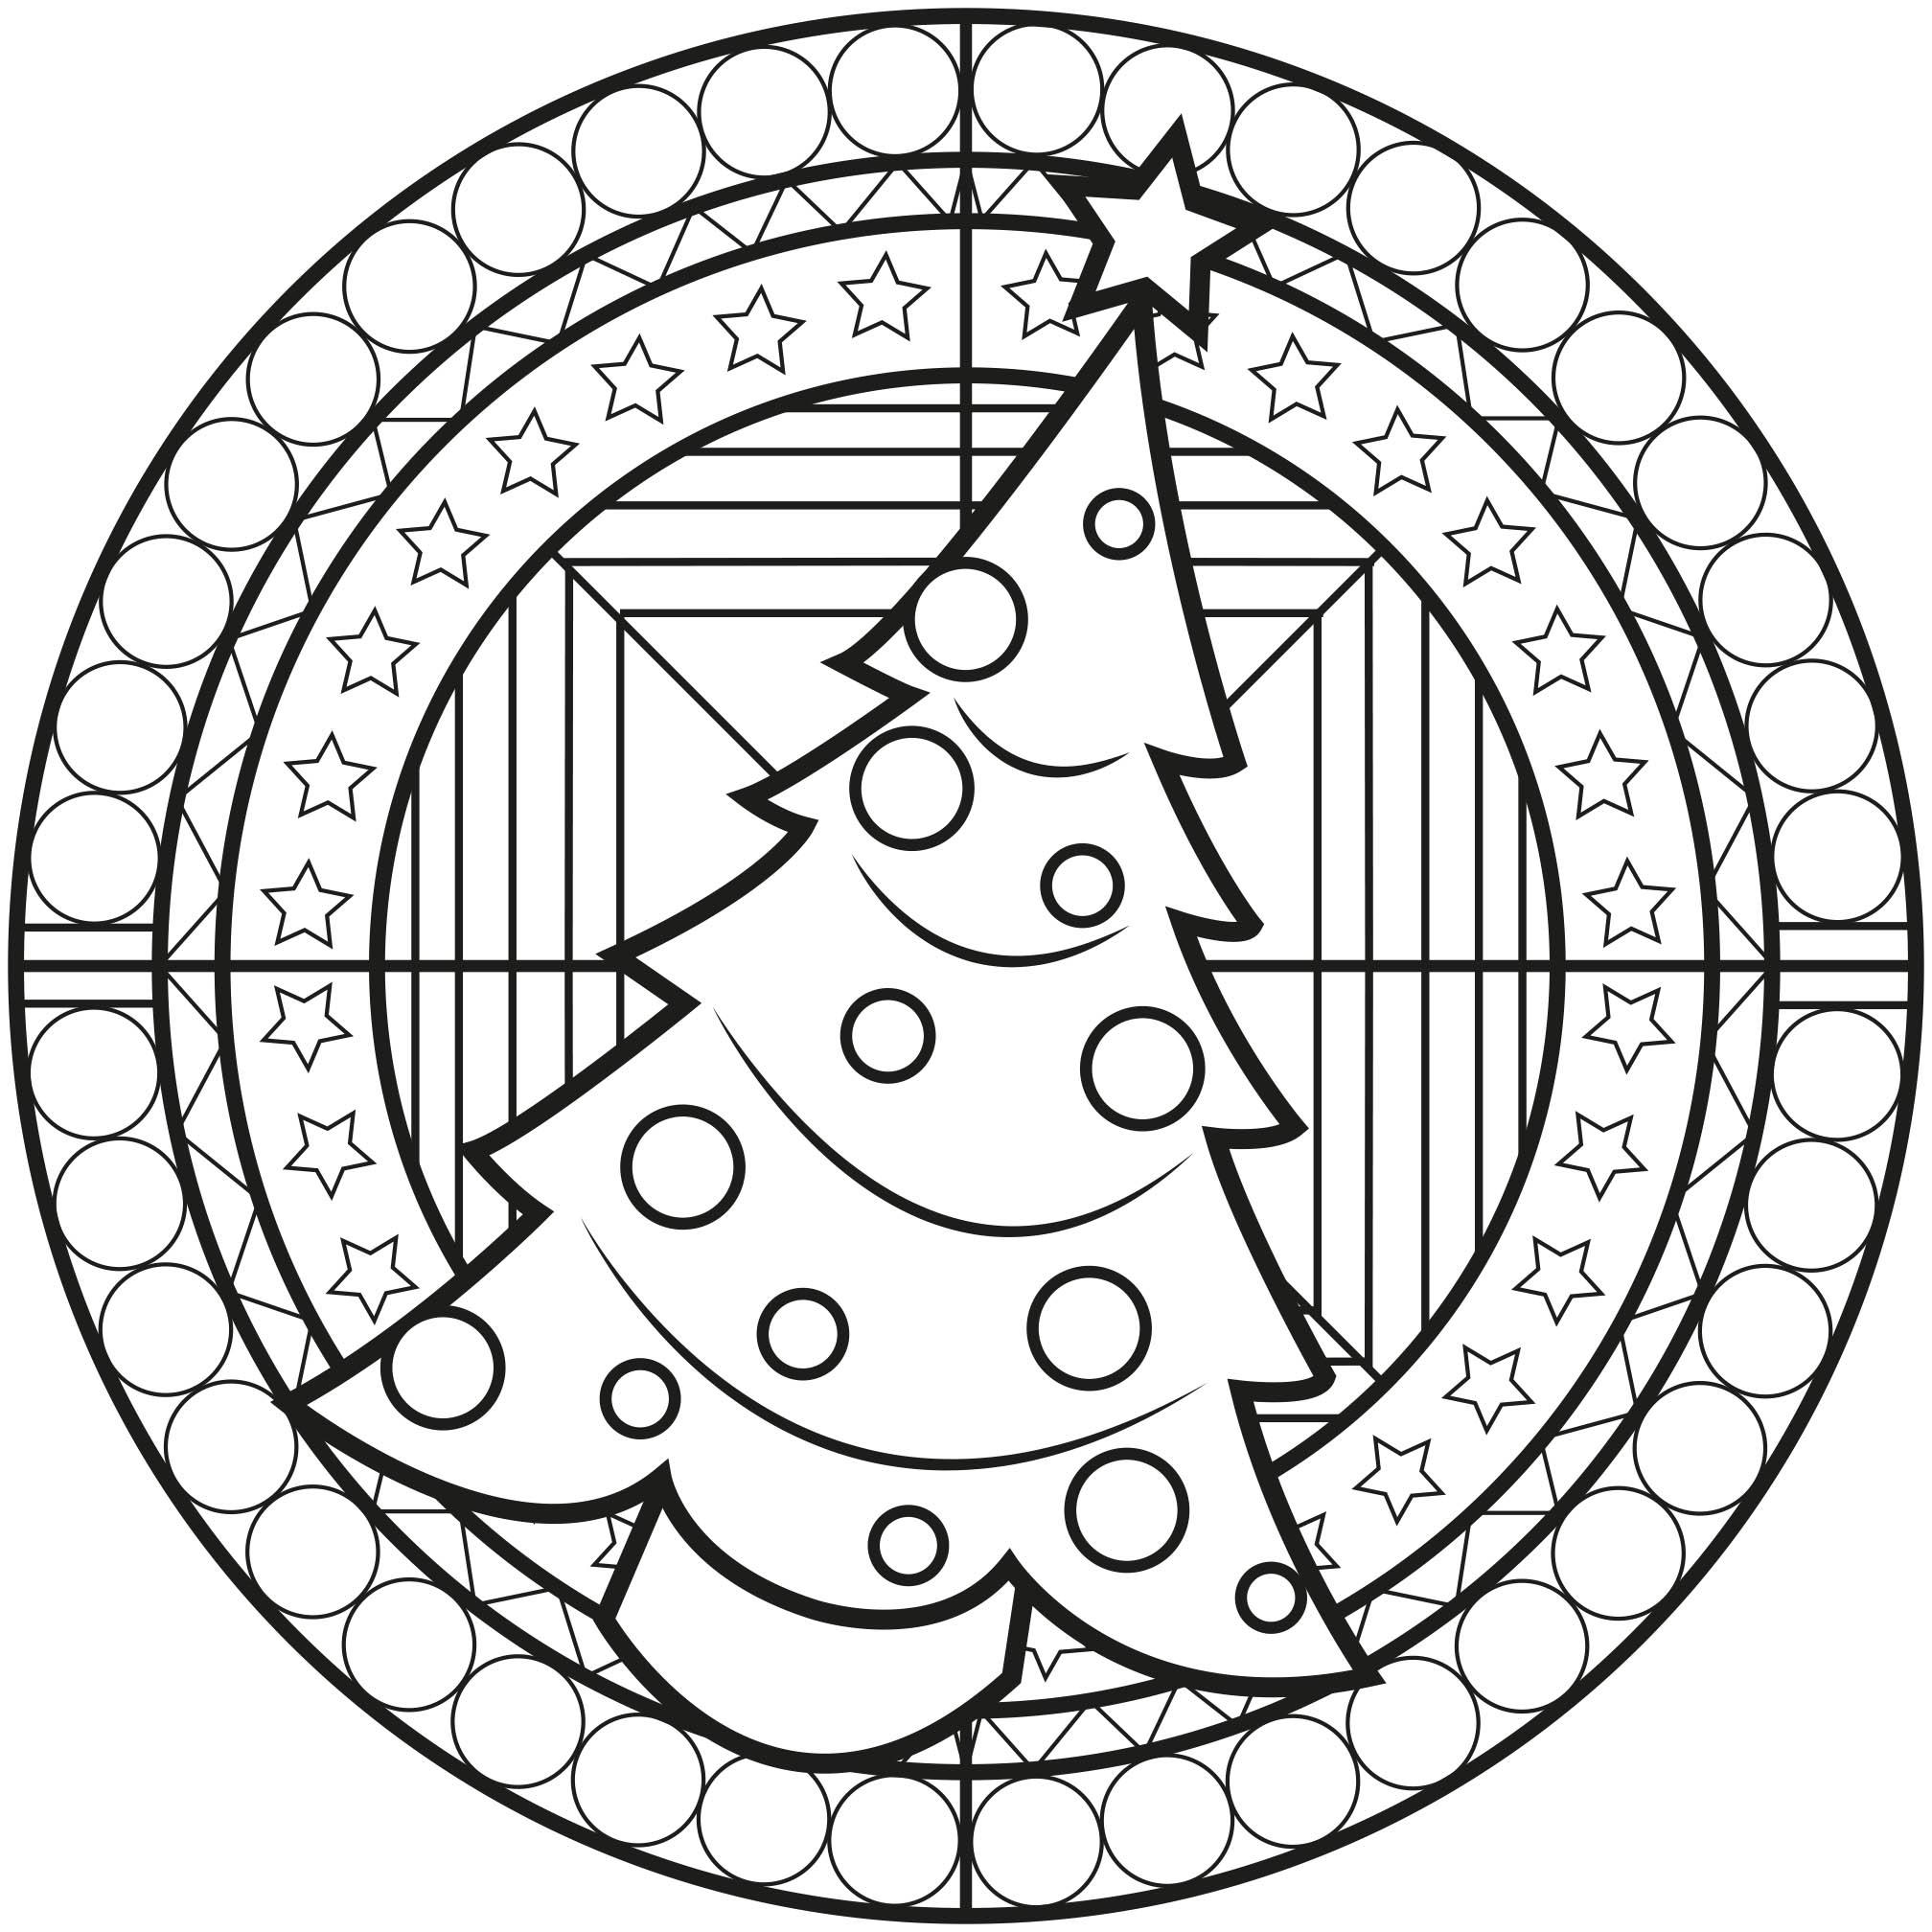 Mandala Sapin De Noël - Mandalas Sur Le Thème Des Fleurs Et avec Sapin De Noel A Colorier Gratuit